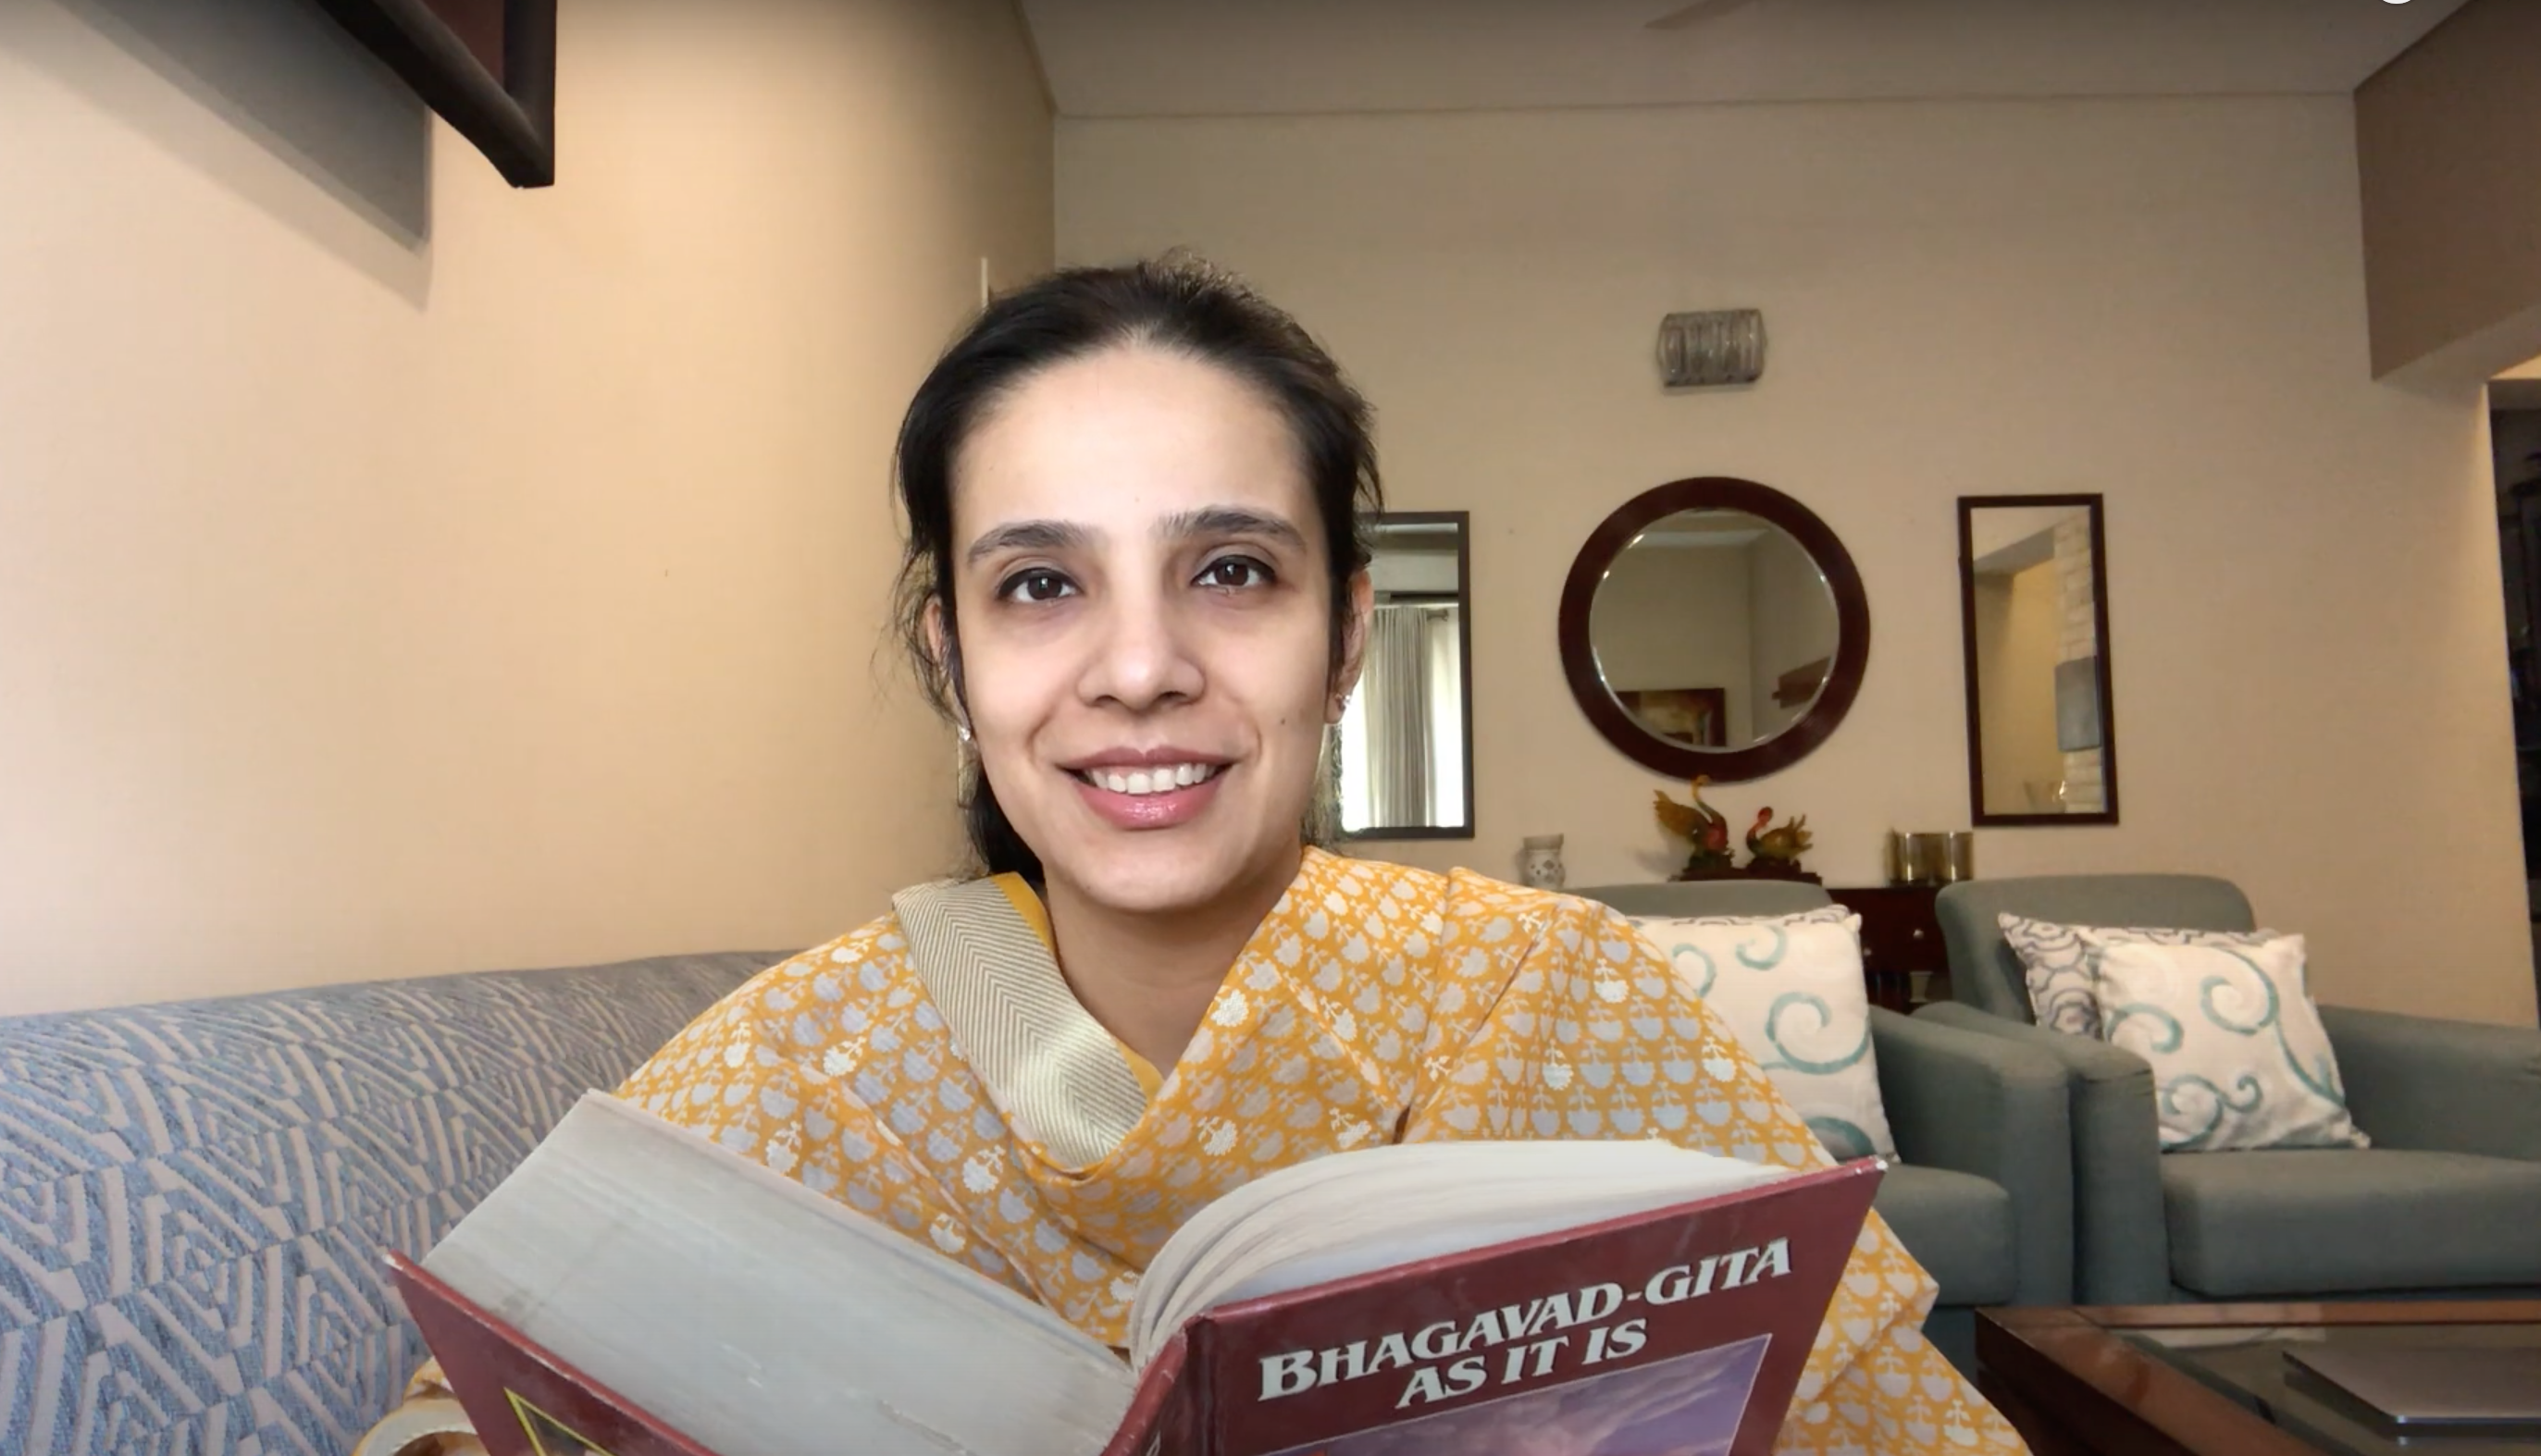 Daily Dose of Bhagwad Gita